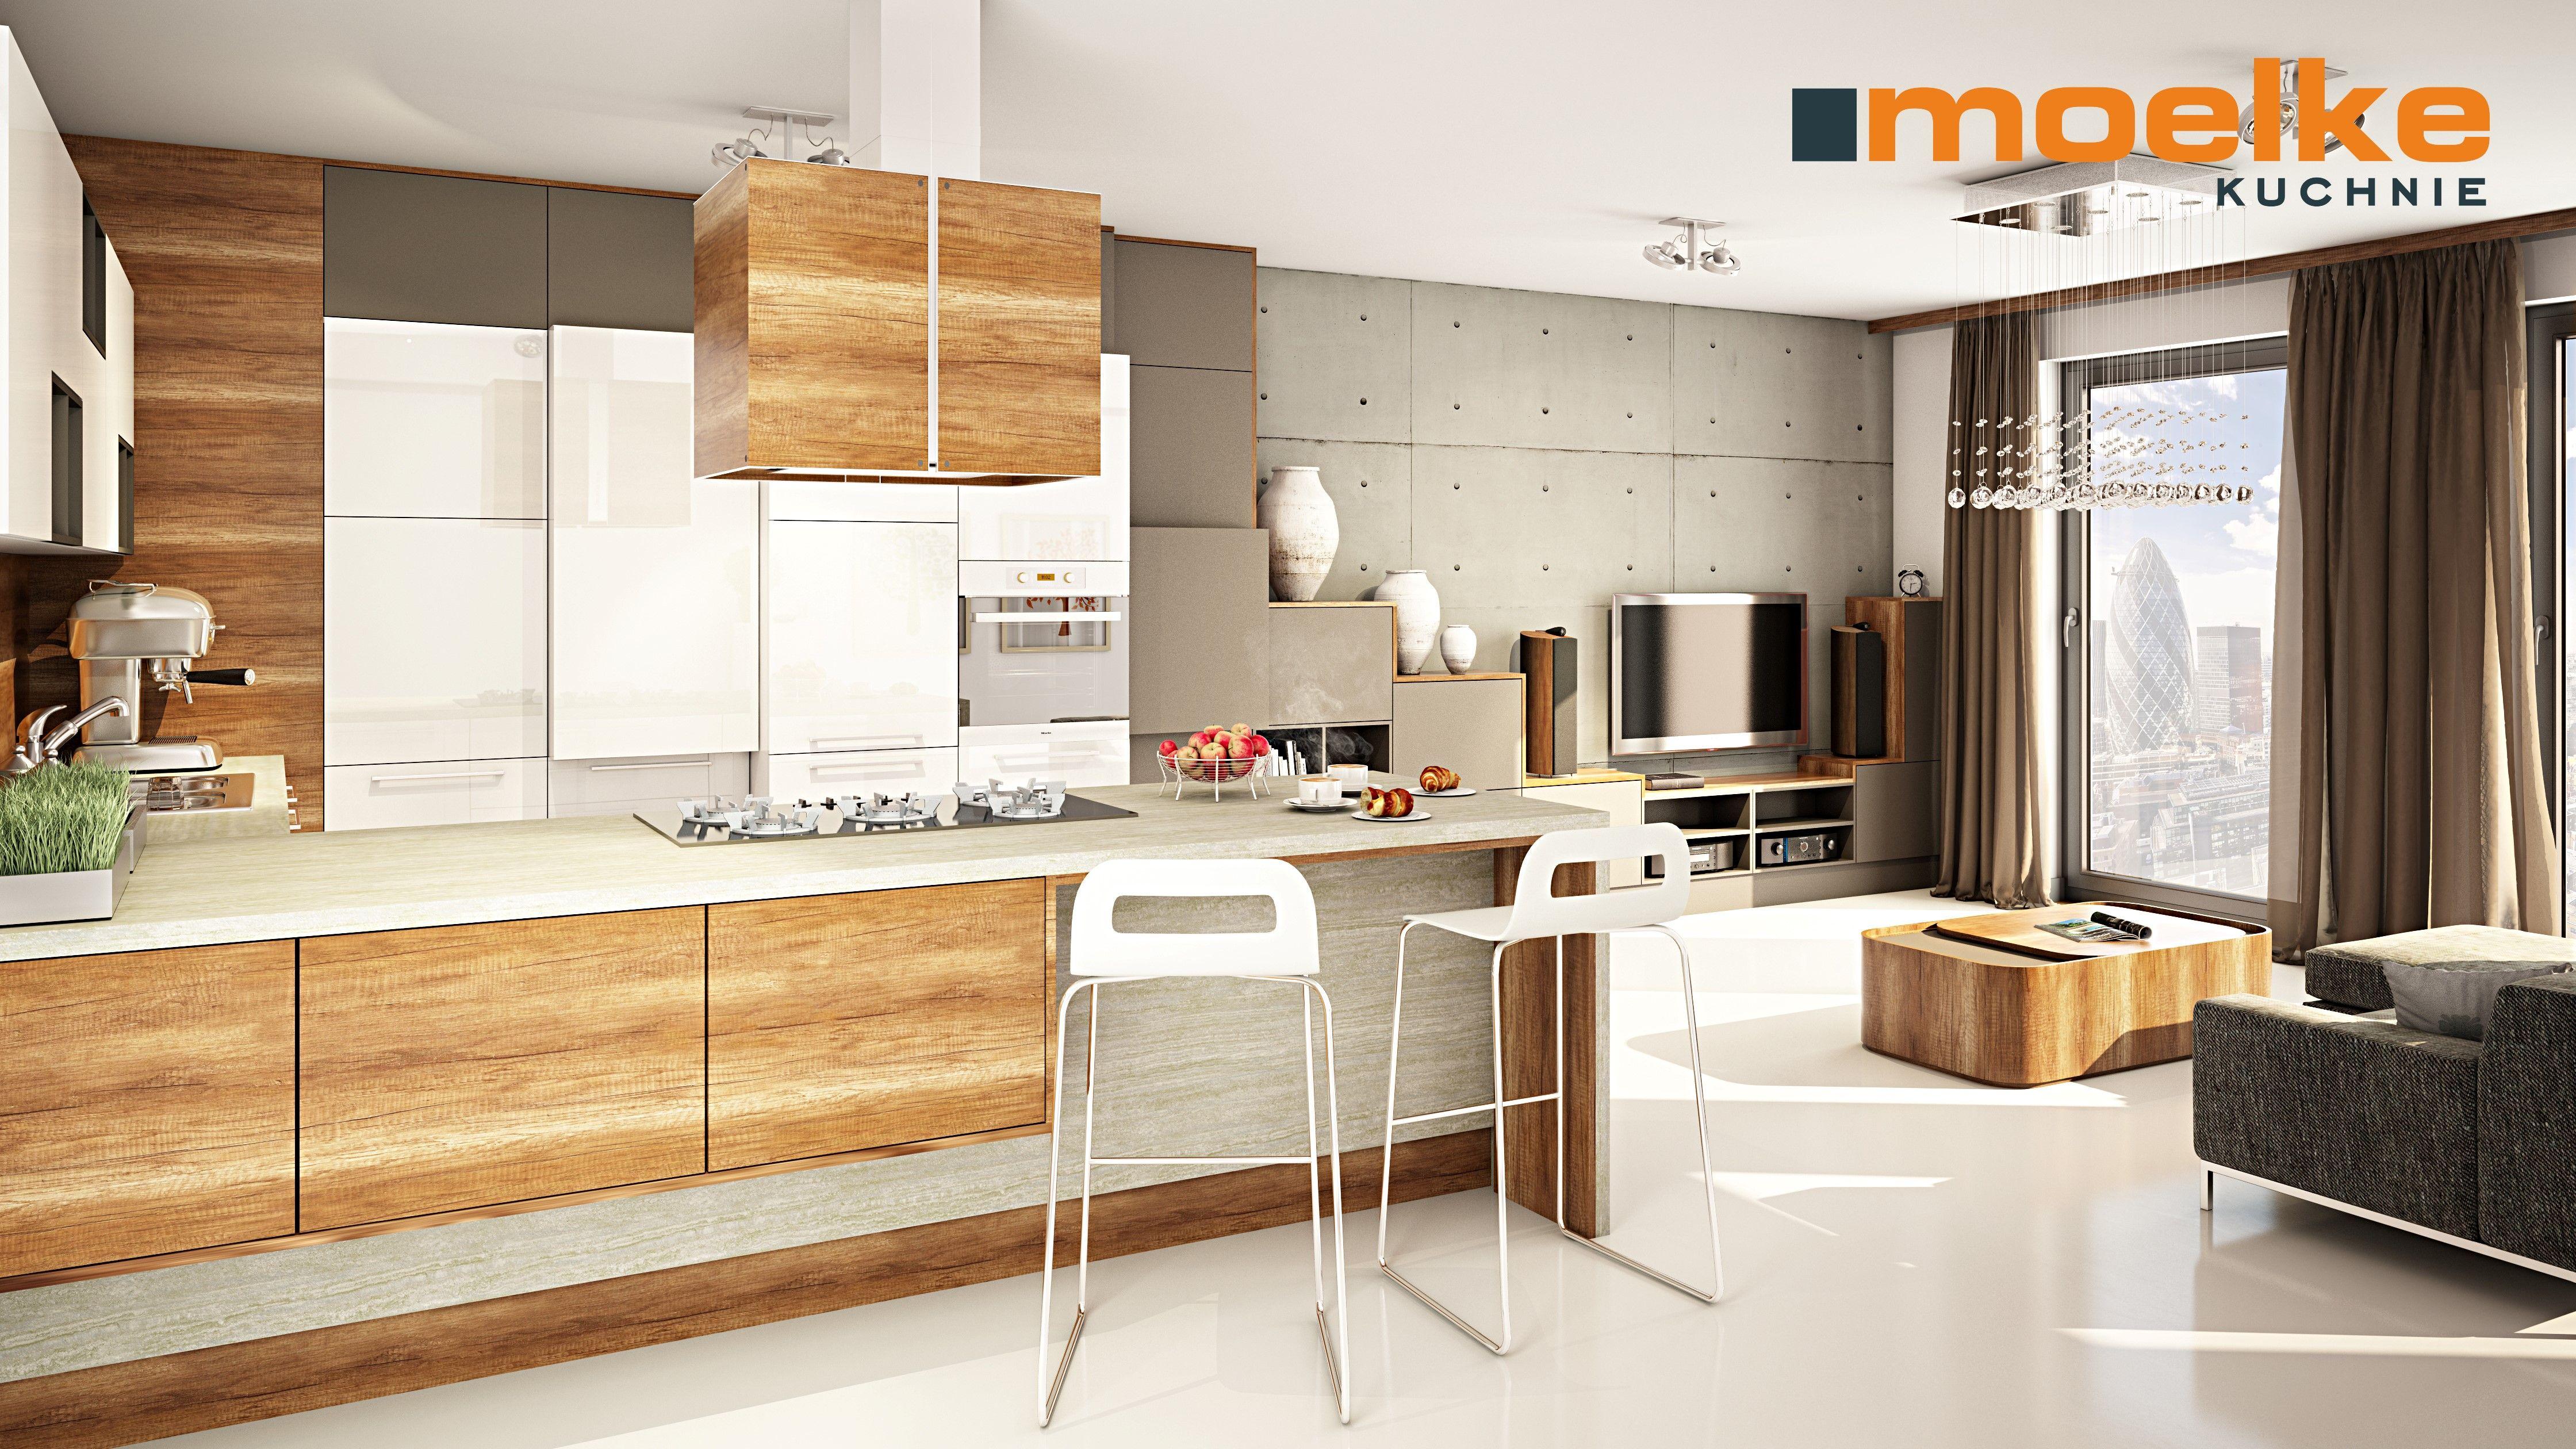 Moelkepunto Dab Country Moelkerifflesso Bialy Kompleksowe Rozwiazanie Do Duzego Pomieszczenia Kuchni Polaczonej Z Salon Kitchen Interior Home Decor Kitchen